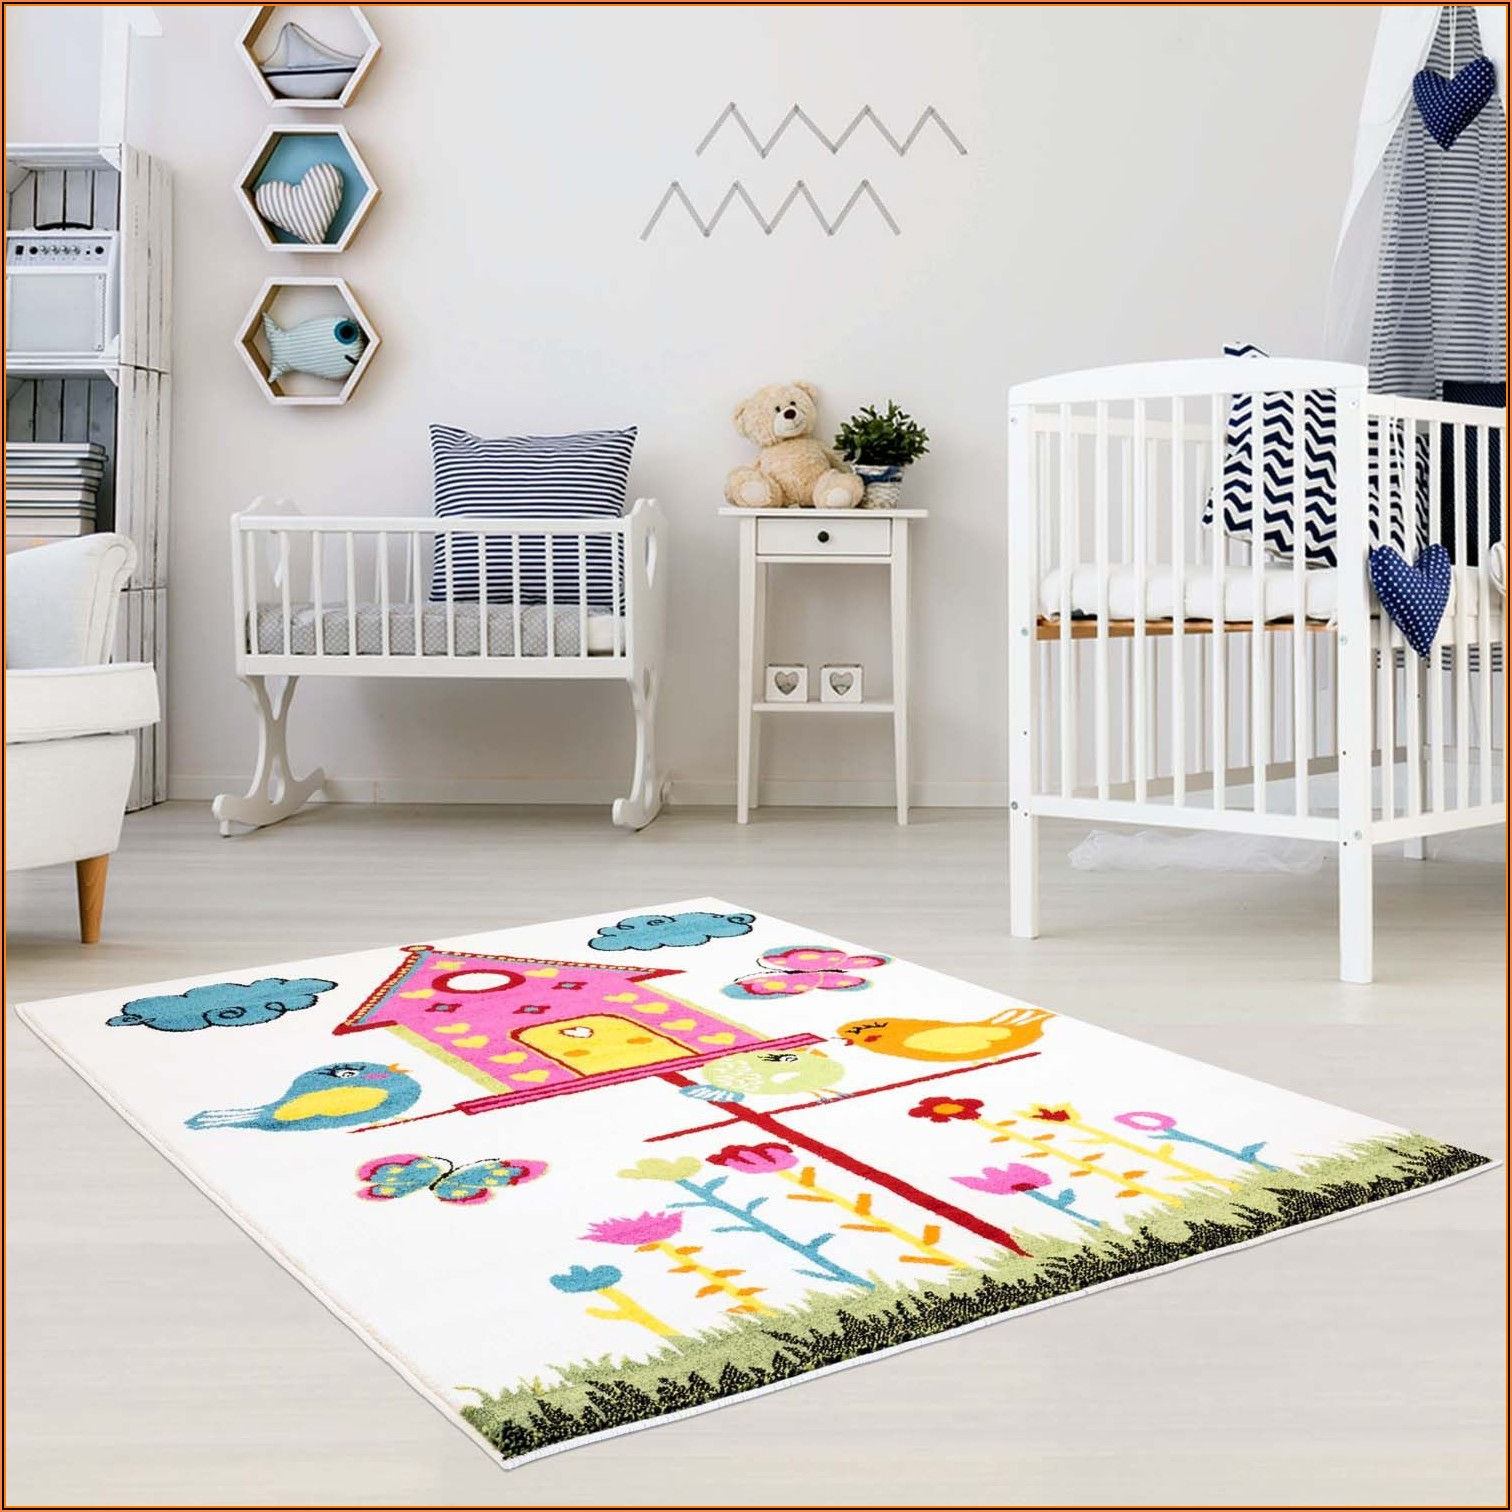 Kinderzimmer Für 4 Jährige Einrichten